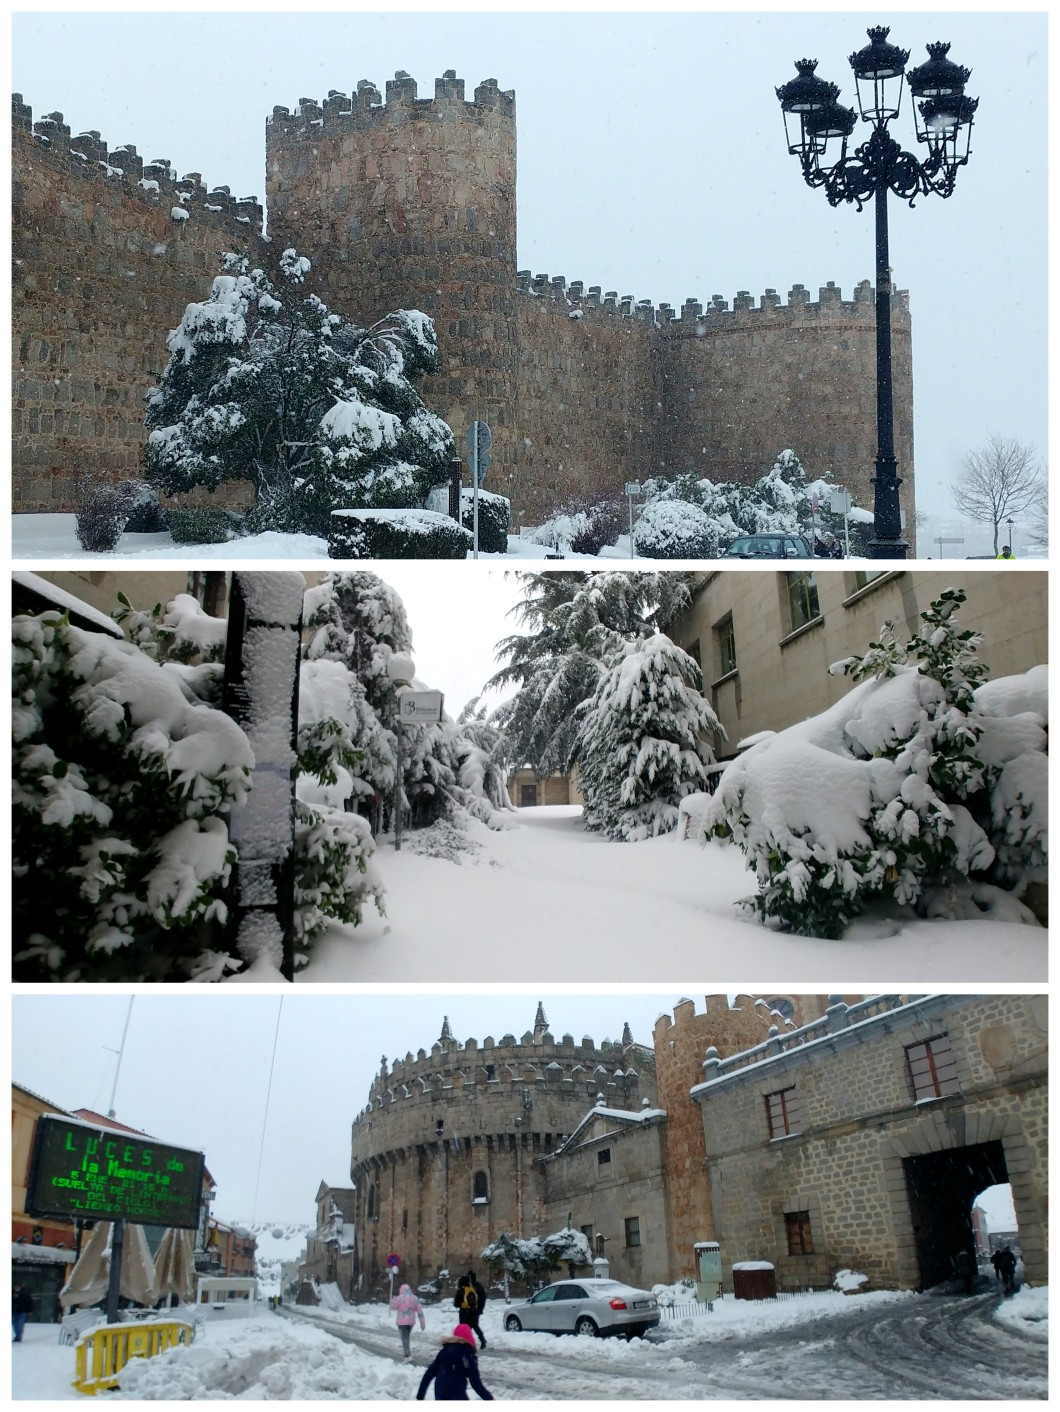 Spain Avila snow walls streets.jpg